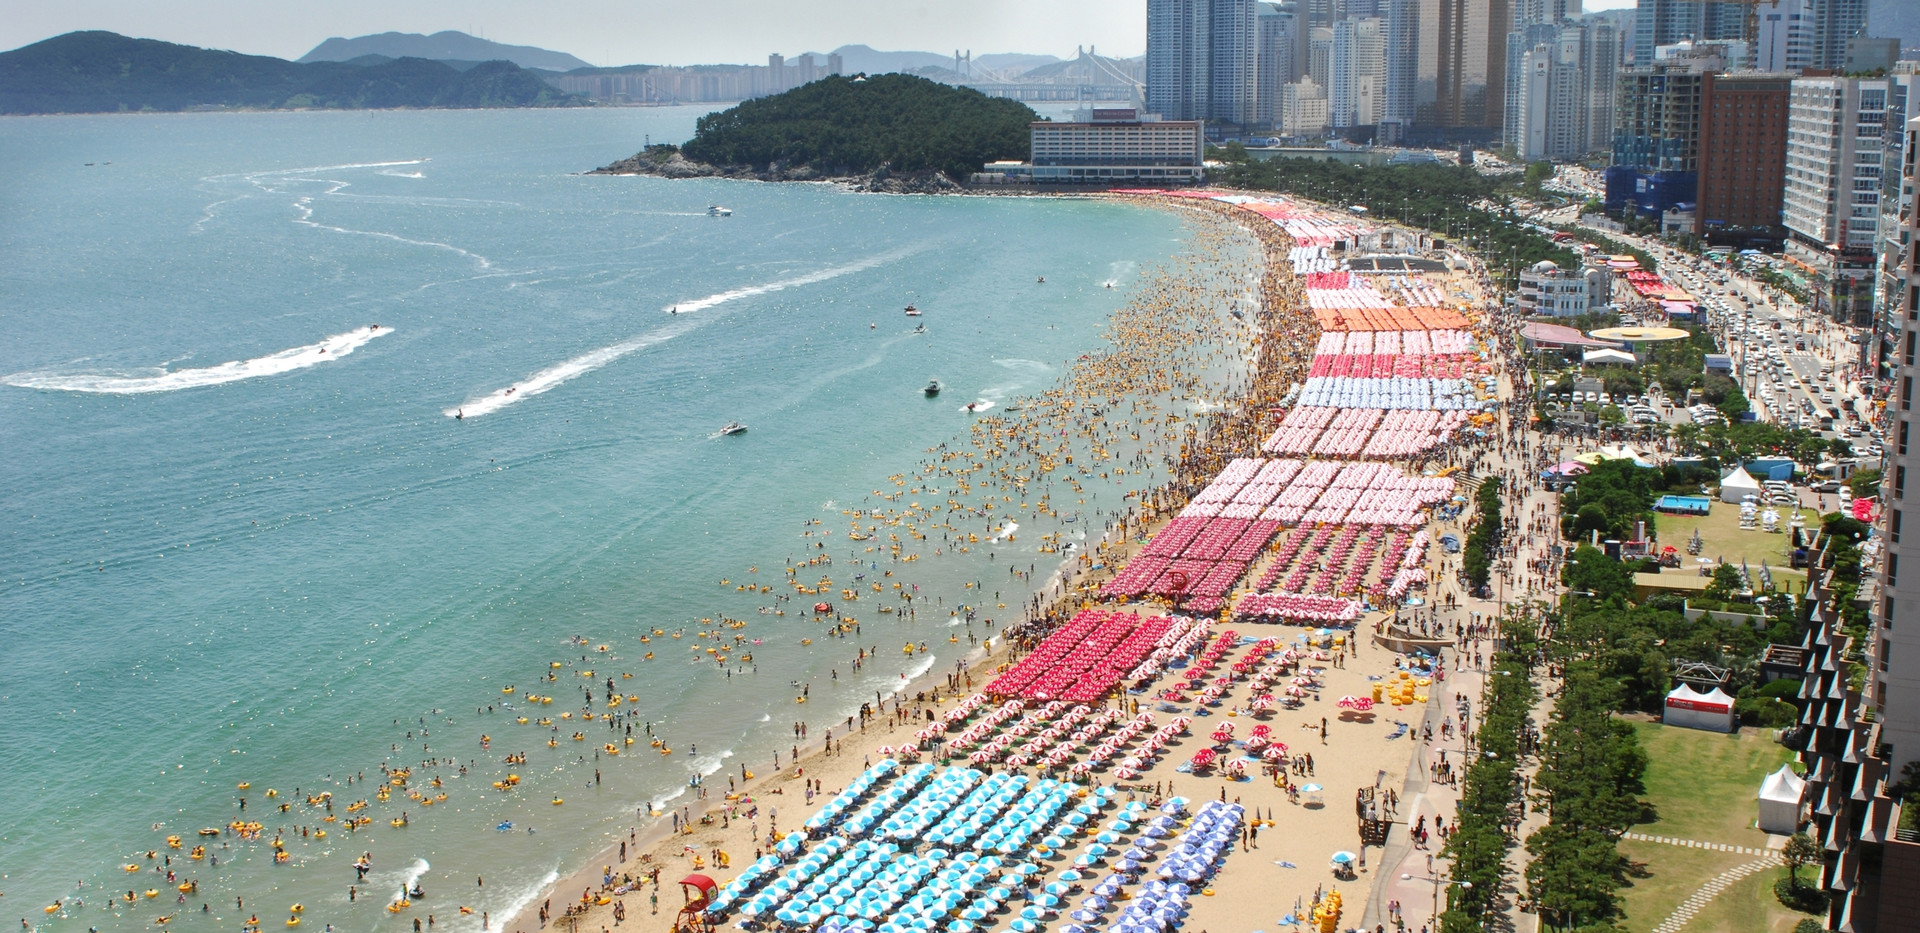 Busan Haeundae beach-03.jpg